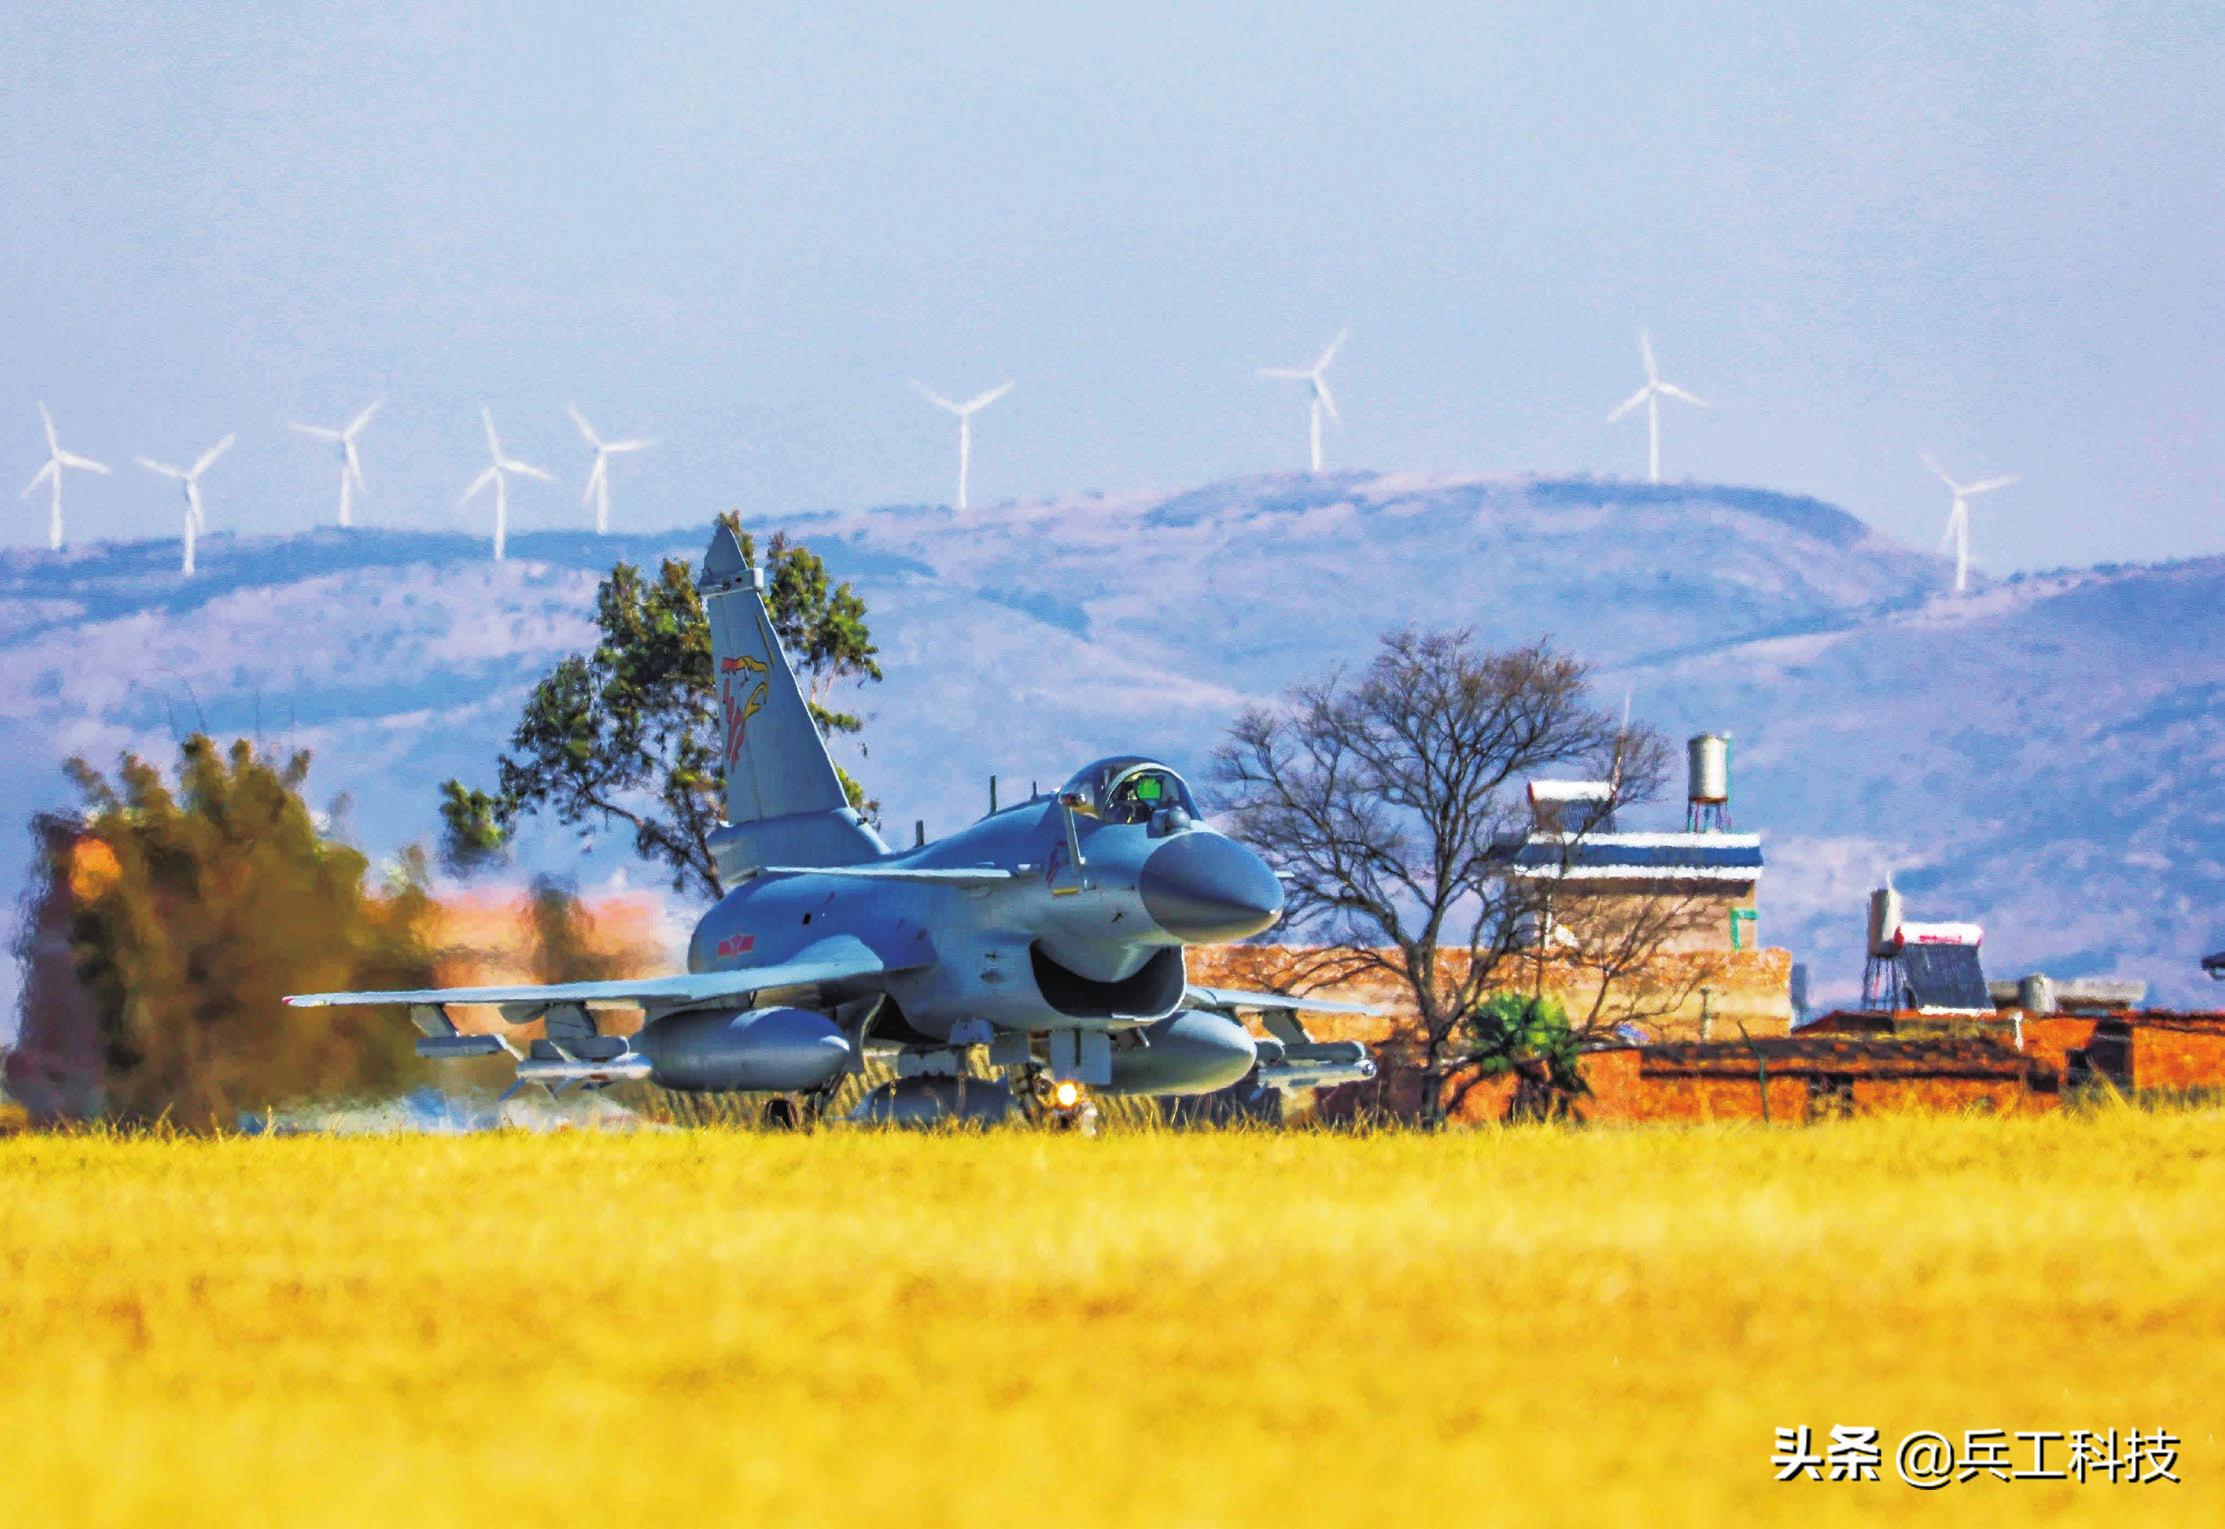 巴基斯坦飞行员对歼-10C的评价一语中的:歼-10C非常危险,但也有一定的缺陷